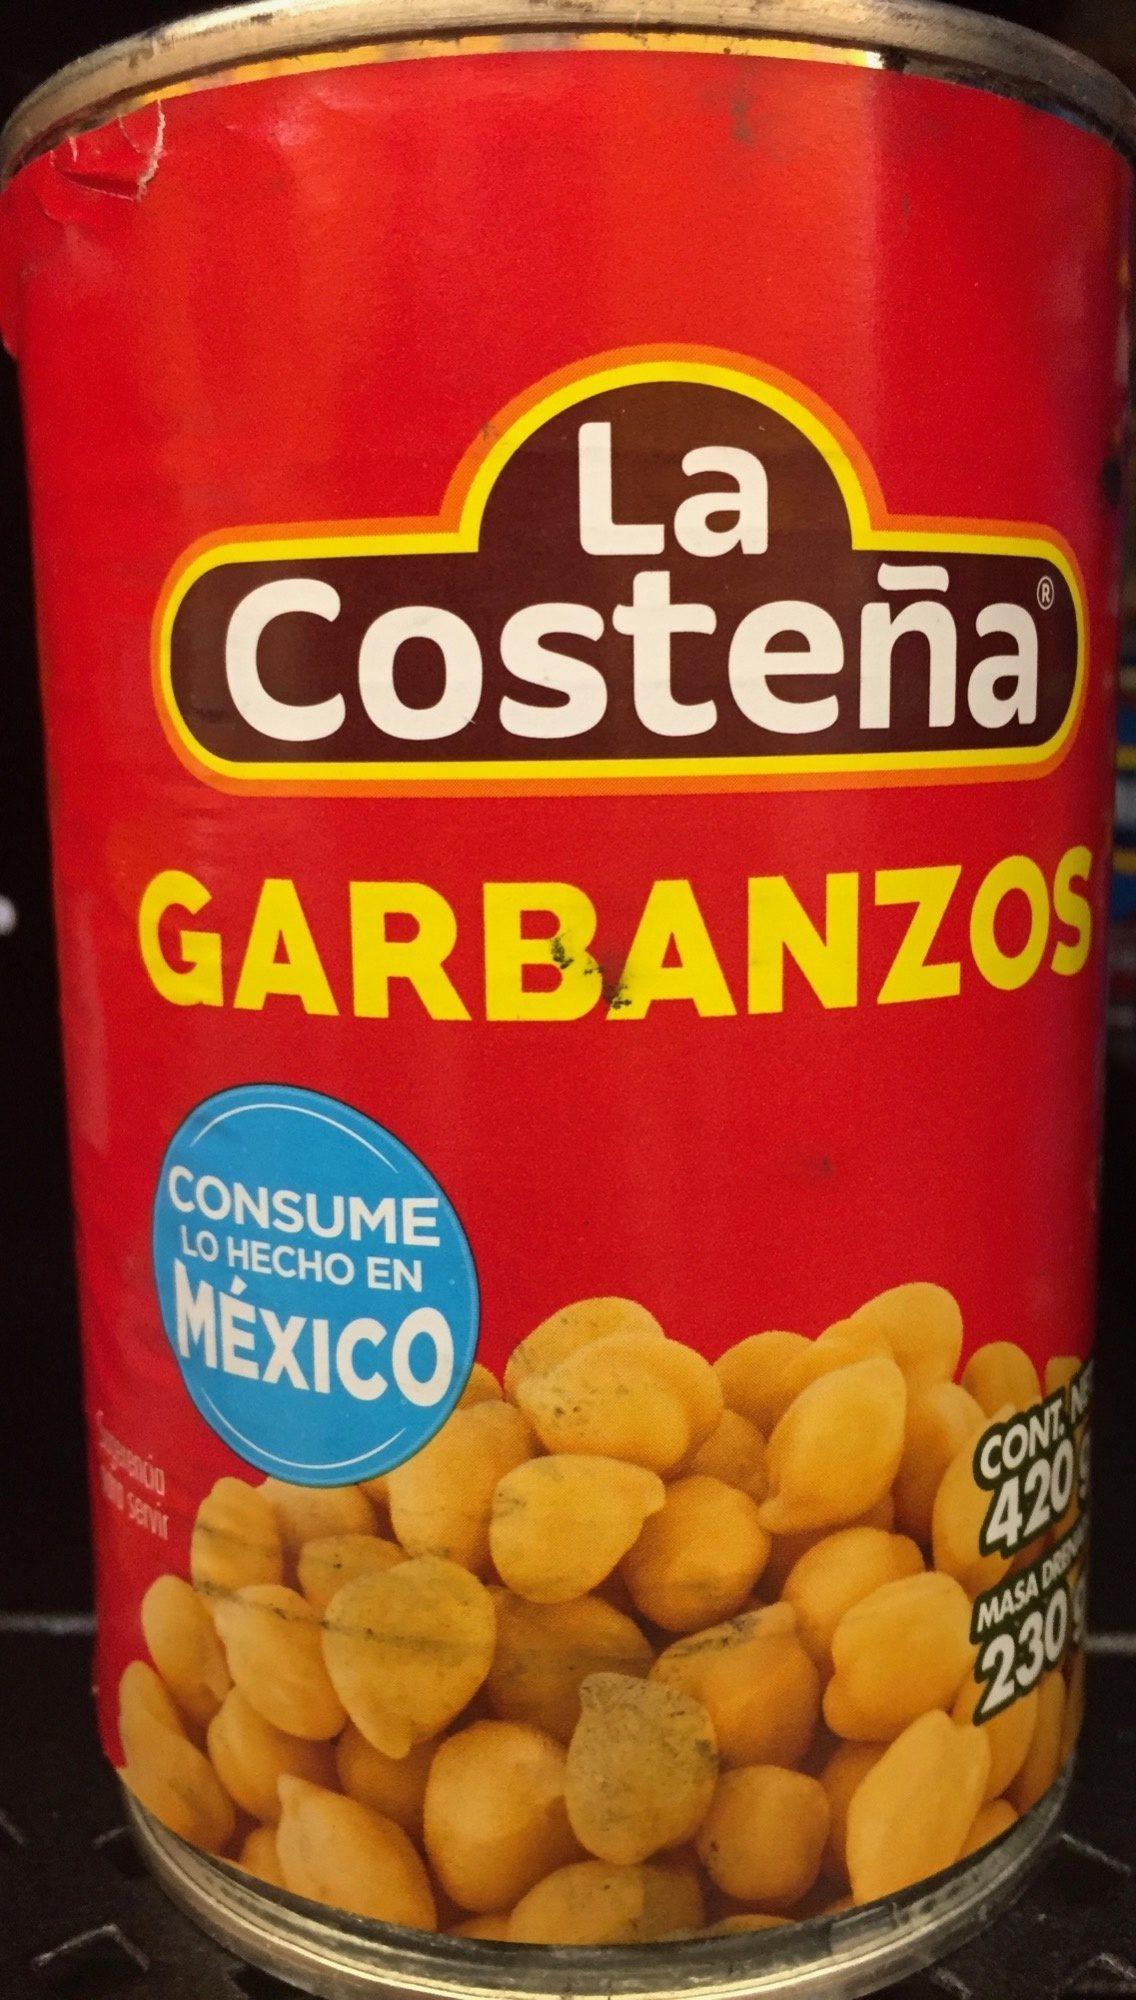 Garbanzos La Costeña - Product - es